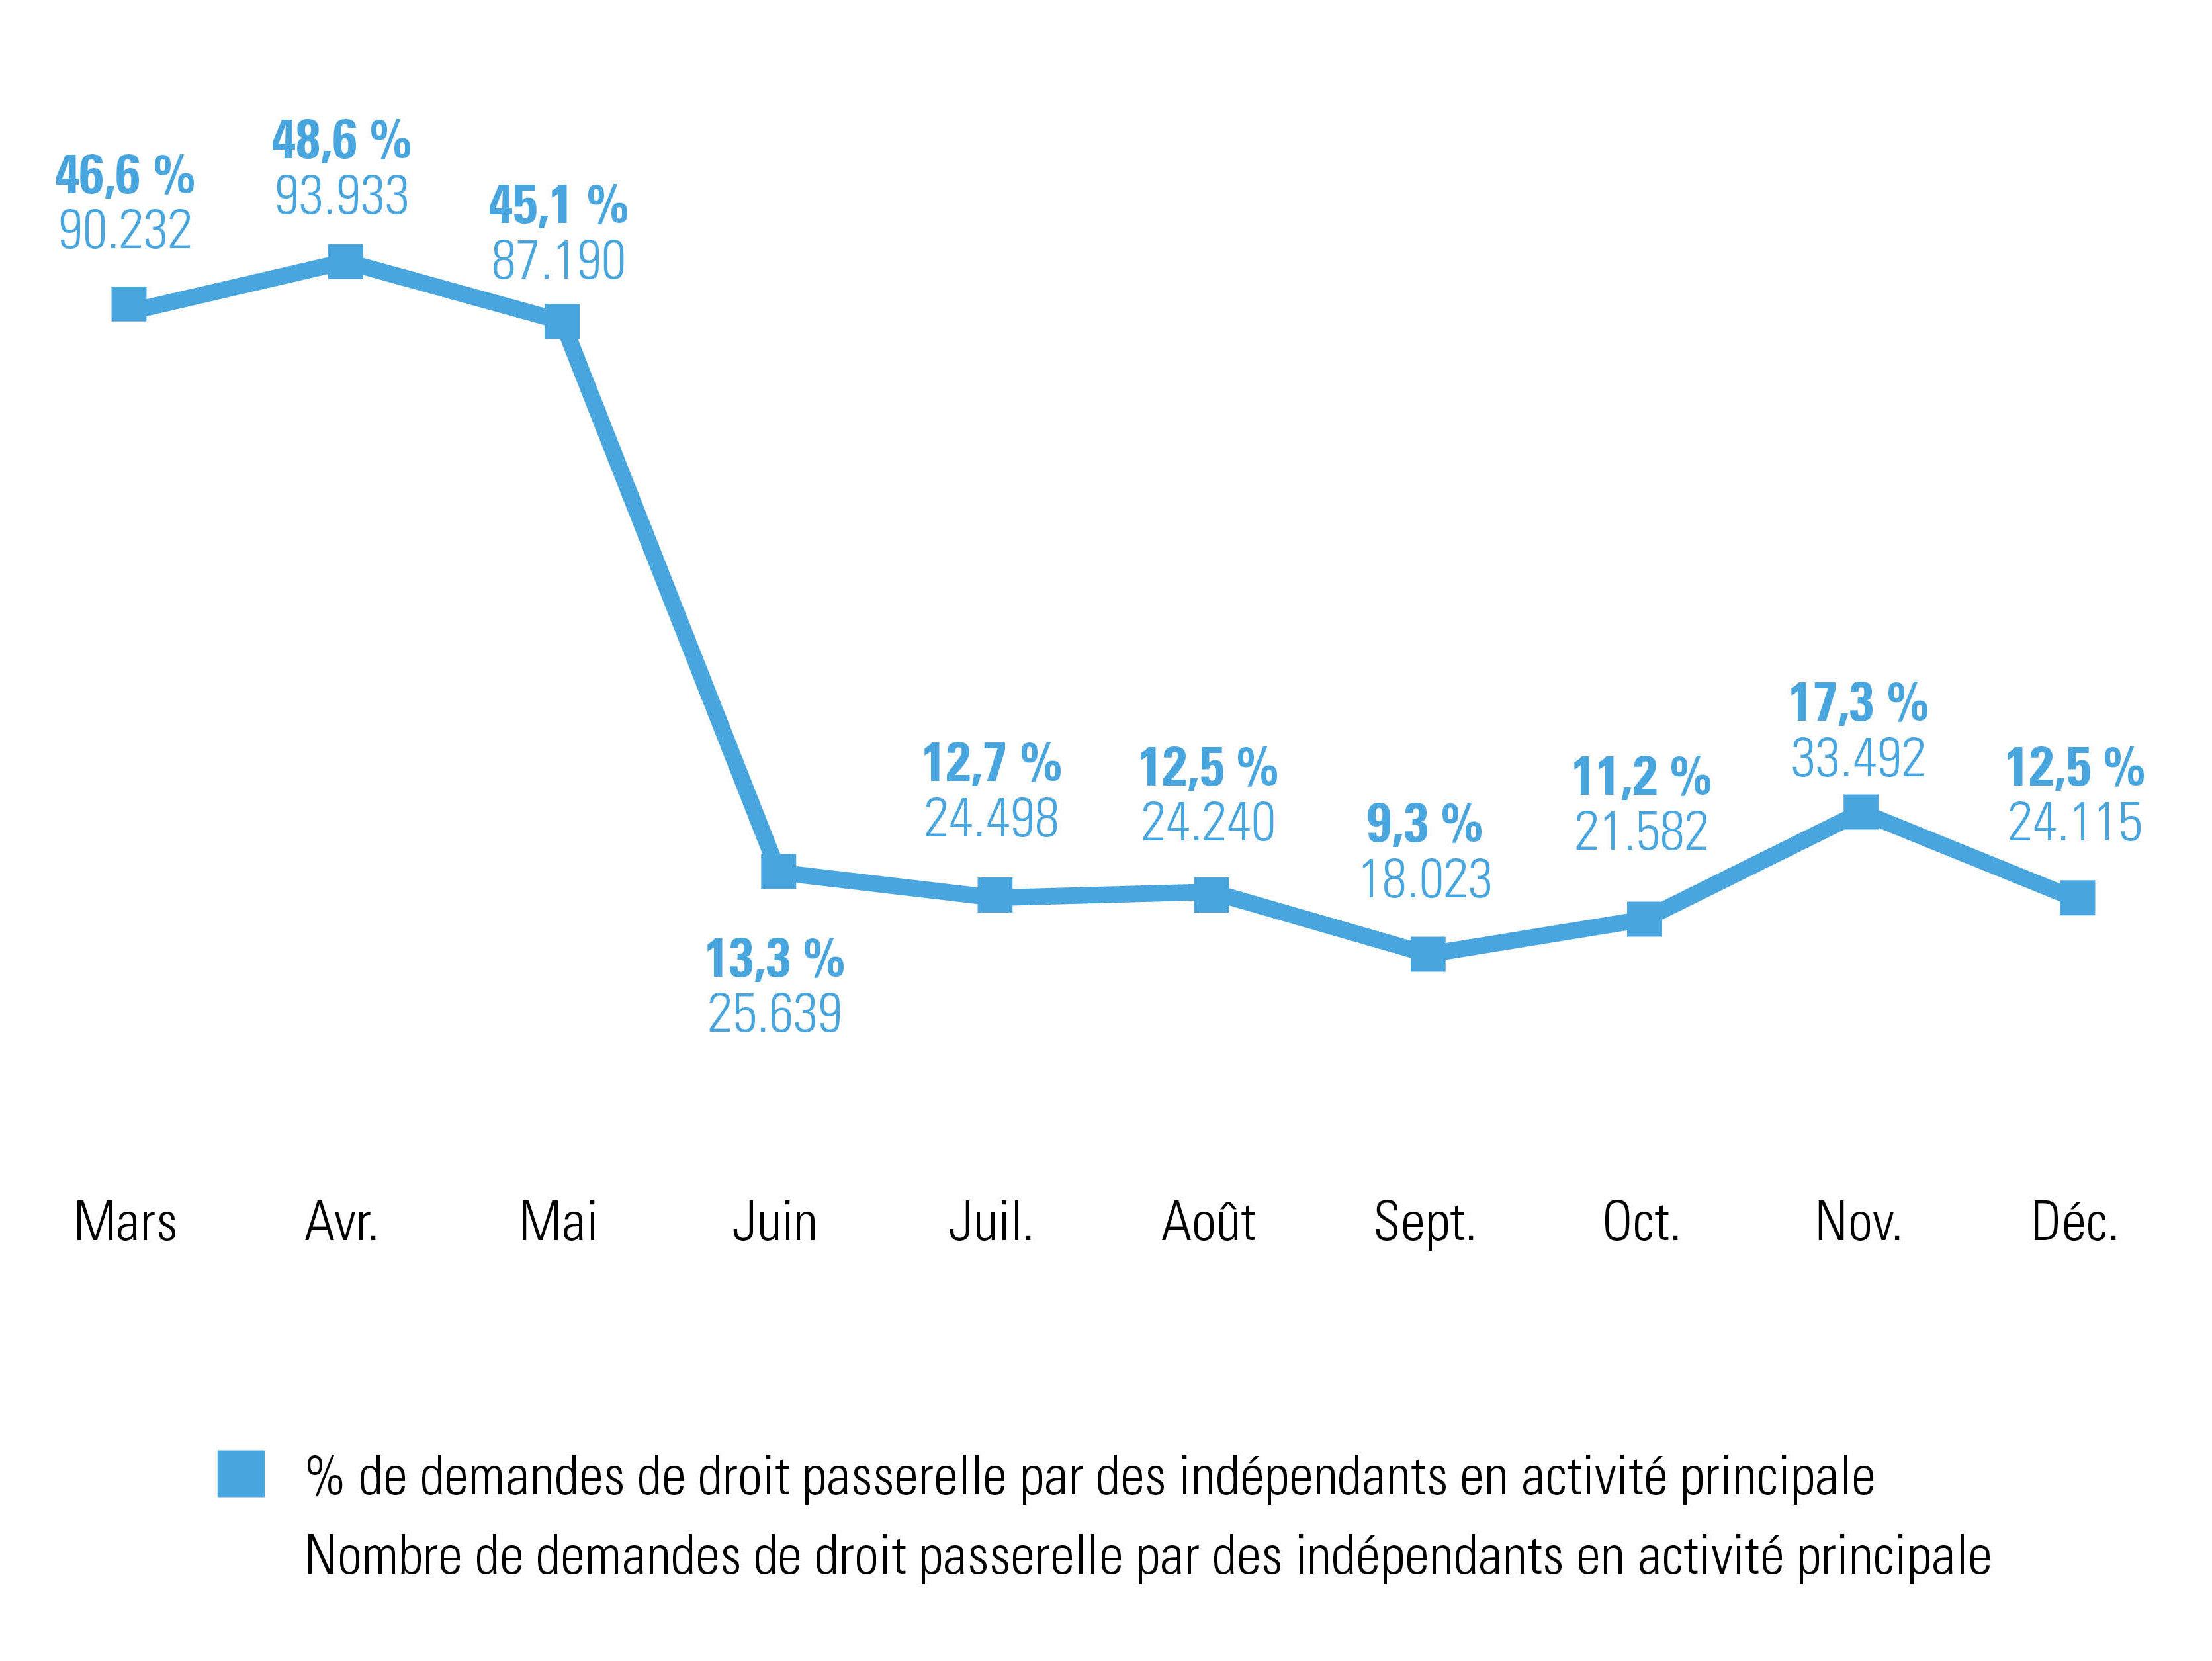 % et nombre de demandes de droit passerelle par des indépendants en activité principale